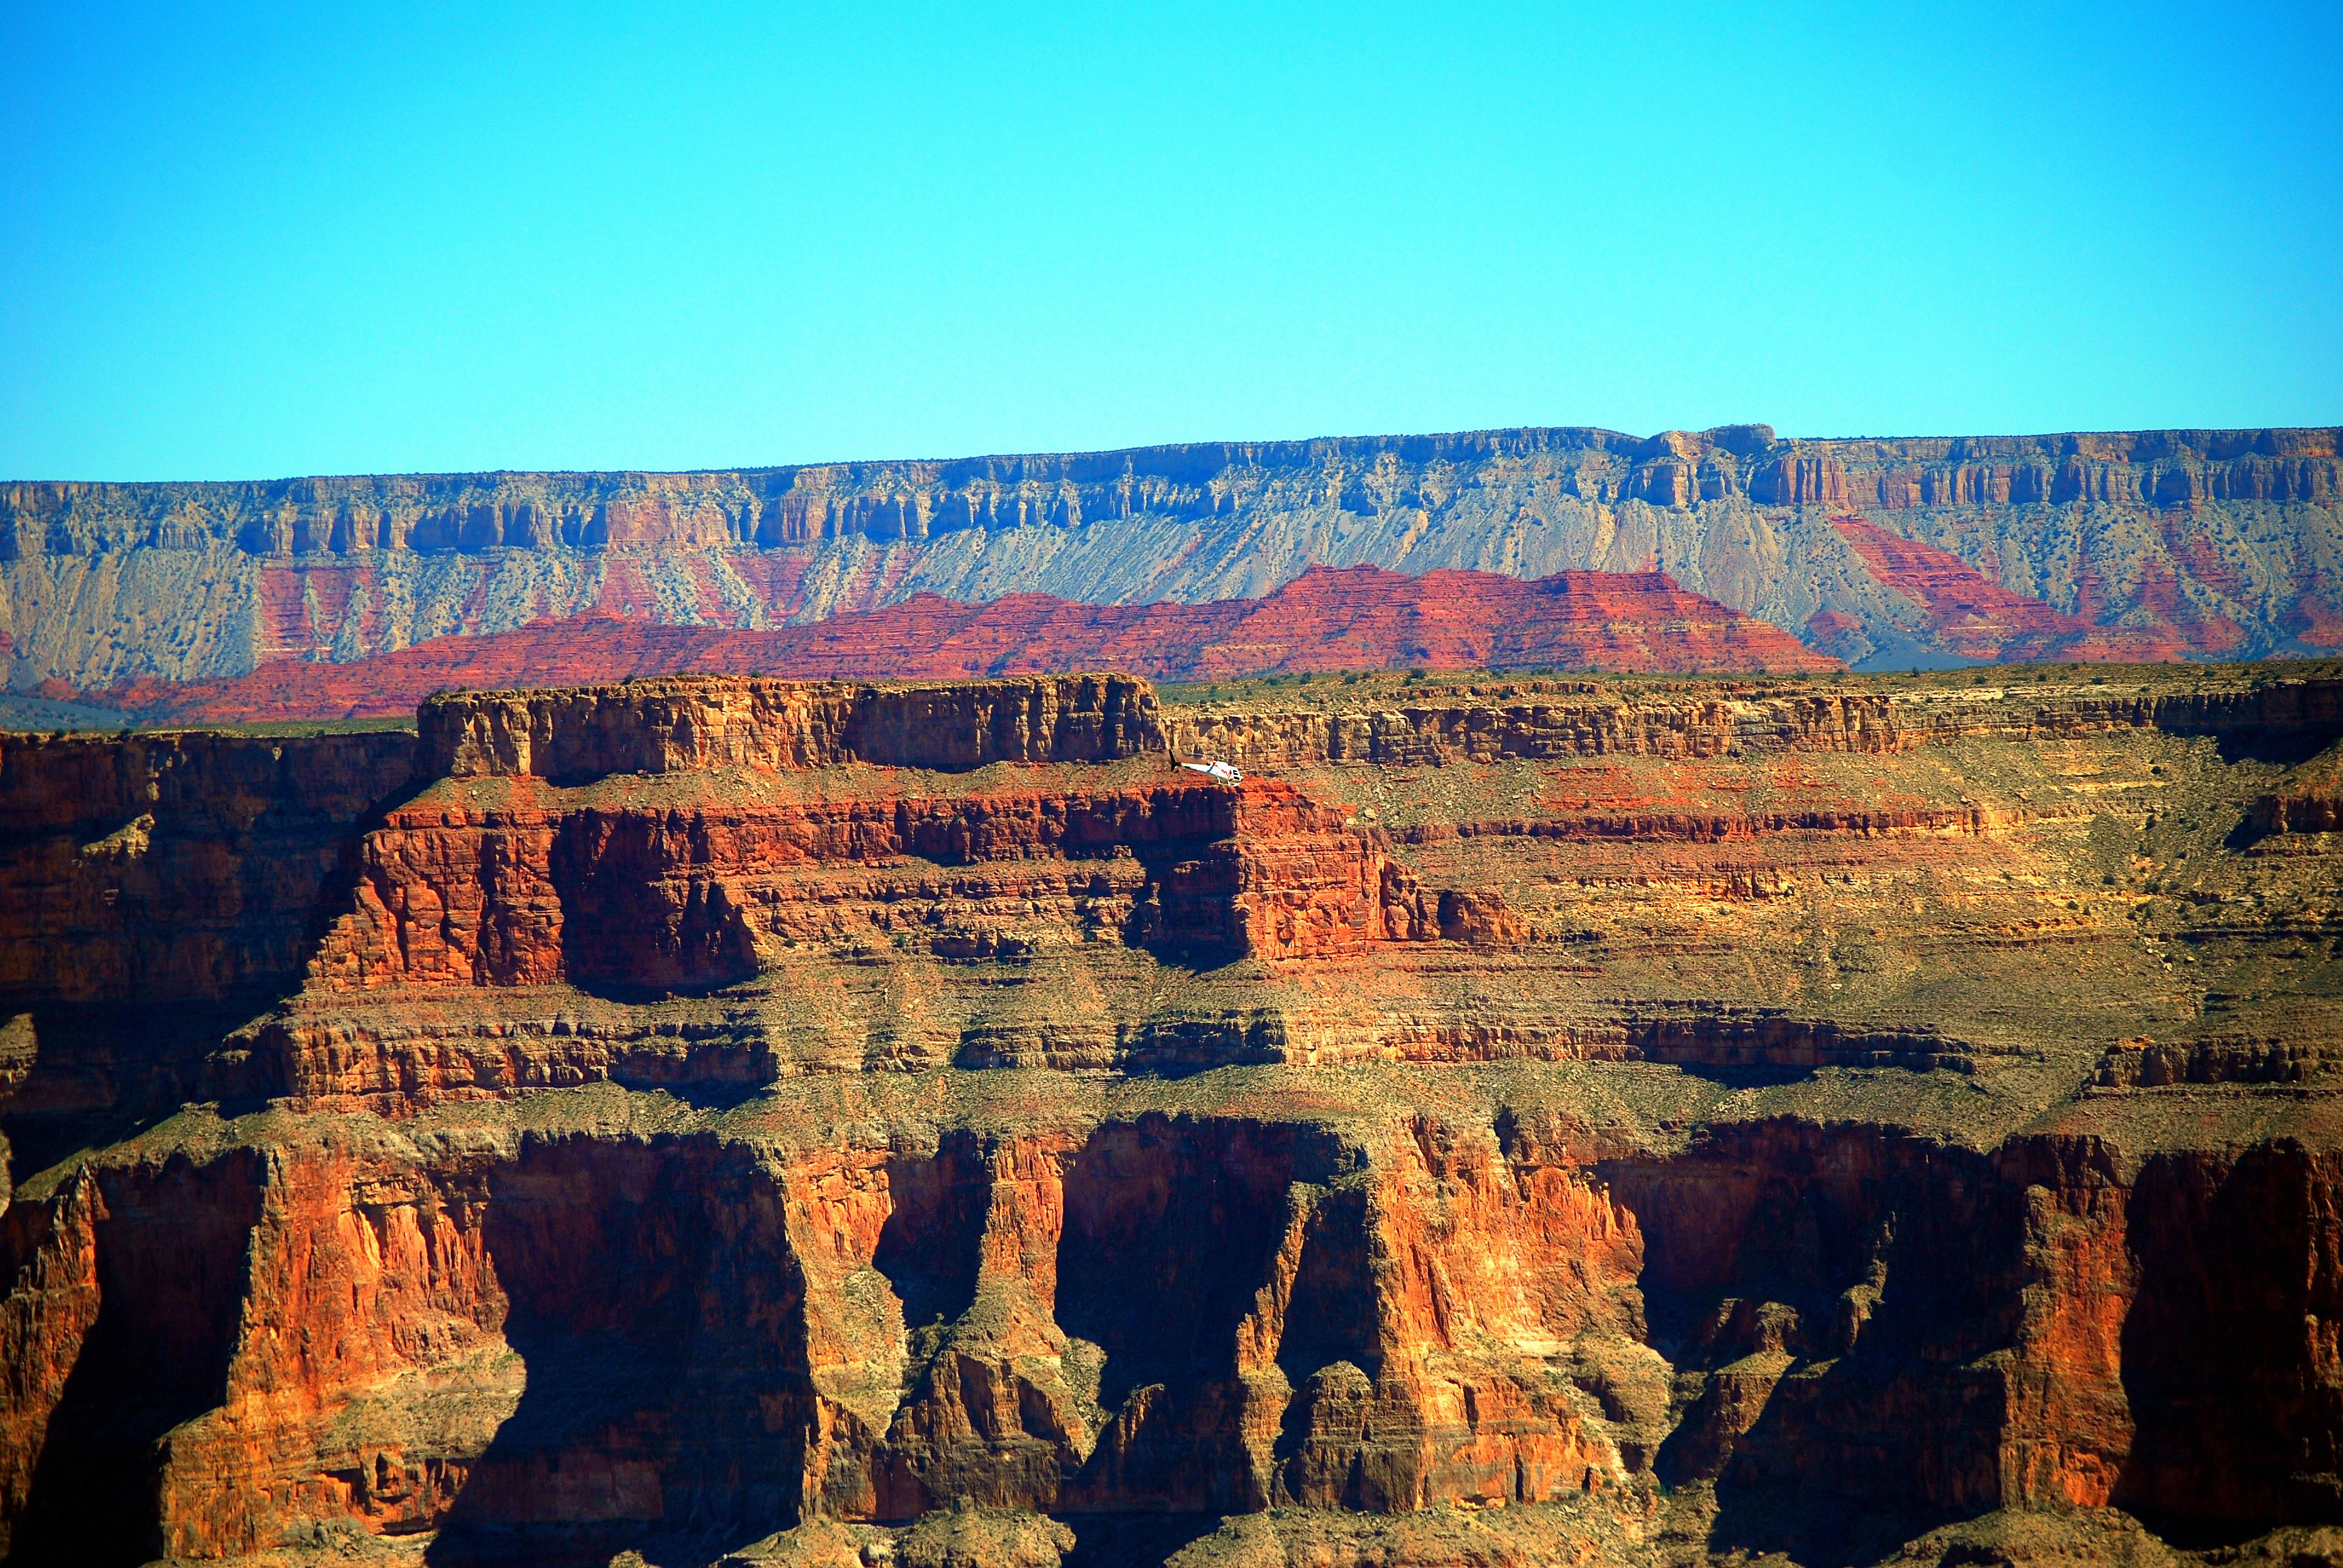 大�y�9�%9�._人生必去一次的科罗拉多大峡谷